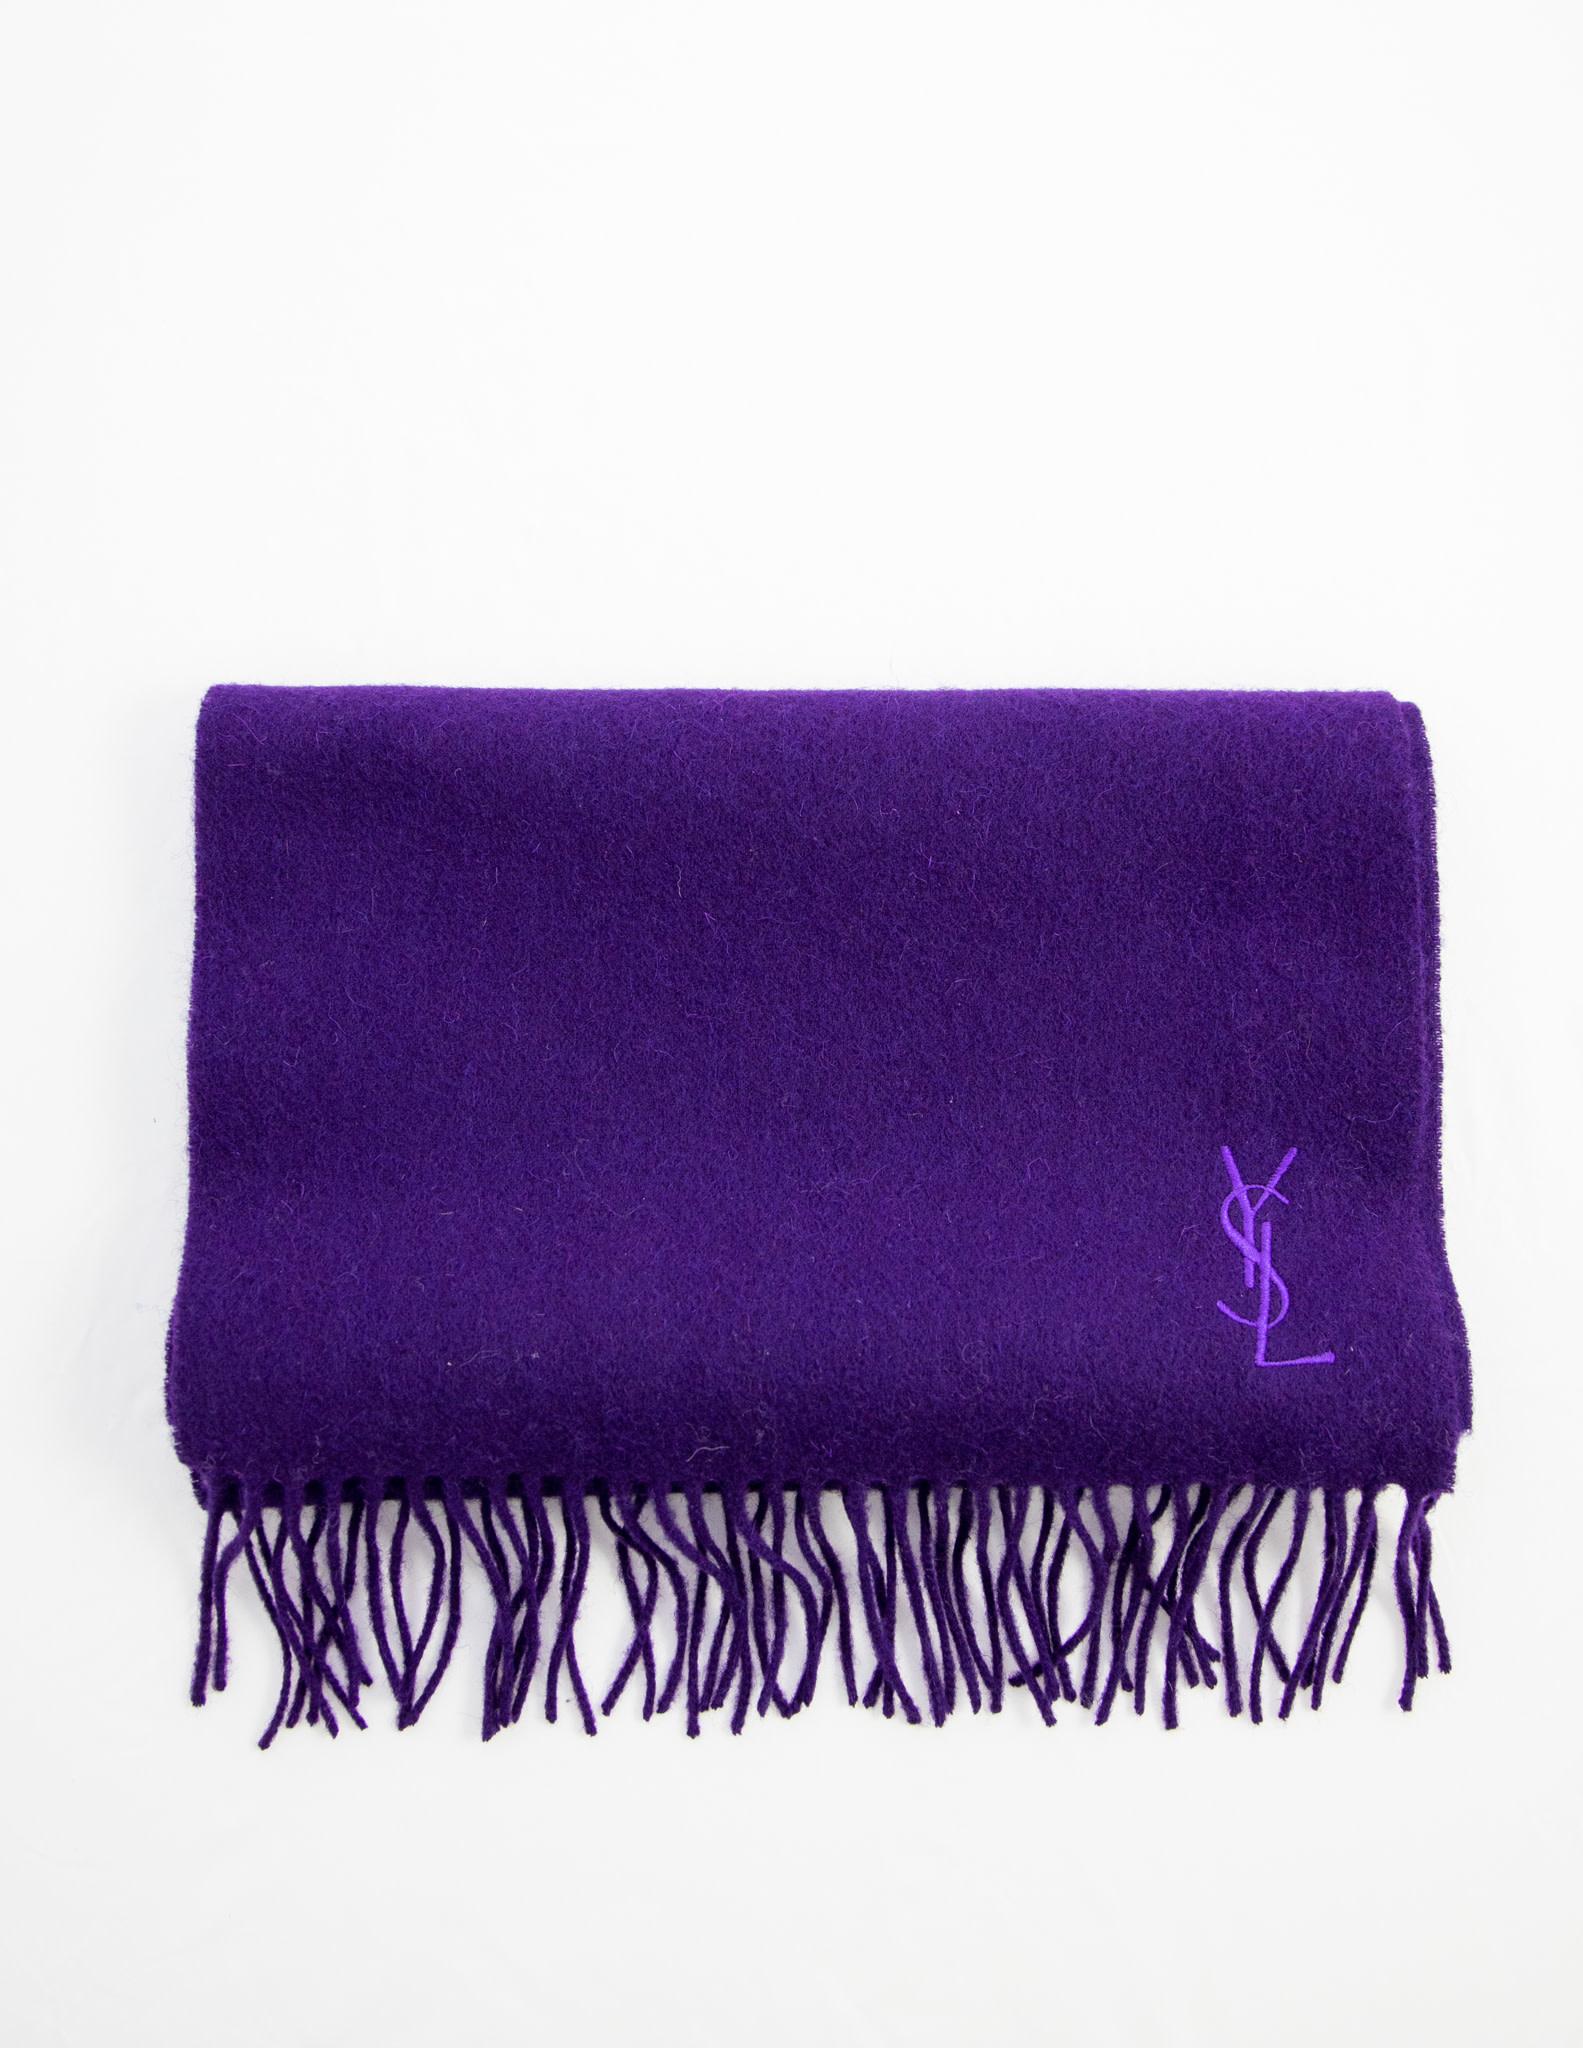 Yves Saint Laurent Écharpe mauve en laine